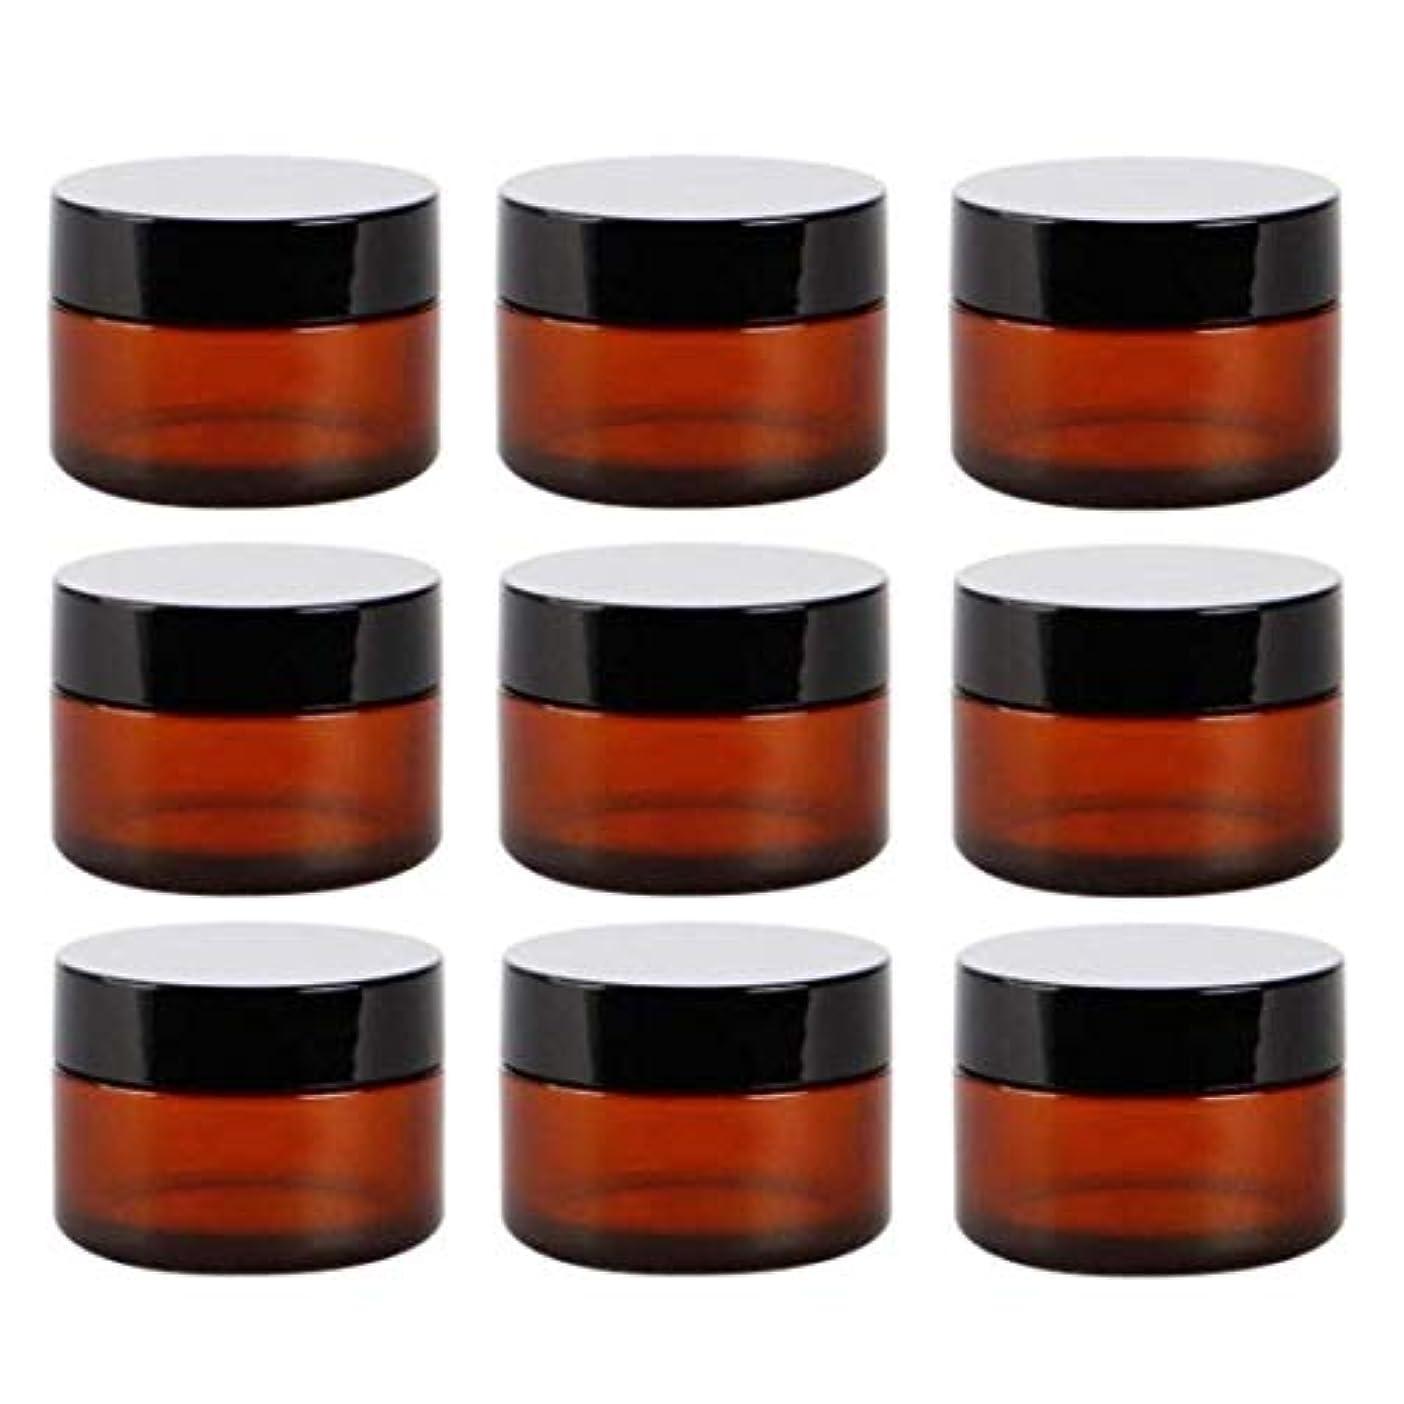 通知発表海藻アロマオイル 精油 香水やアロマの保存 小分け用 遮光瓶 詰替え ガラス製 9本セット茶色10g